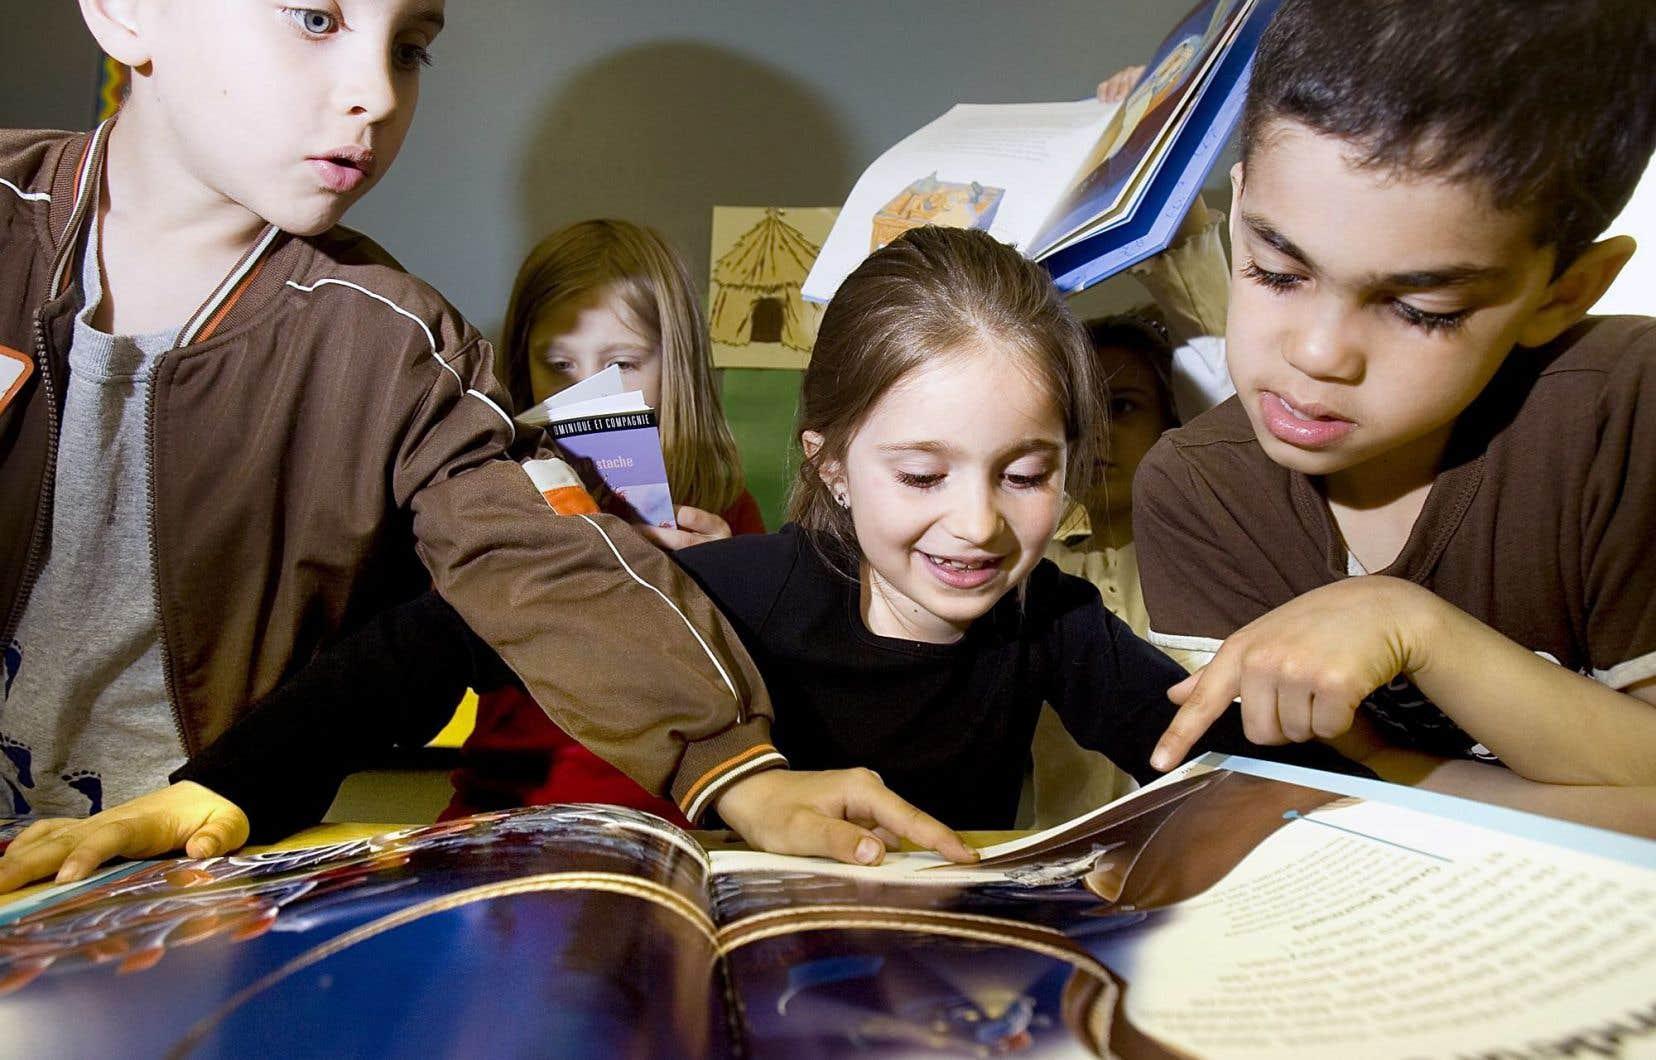 Le programme offrait un grand choix de livres pour les enfants.